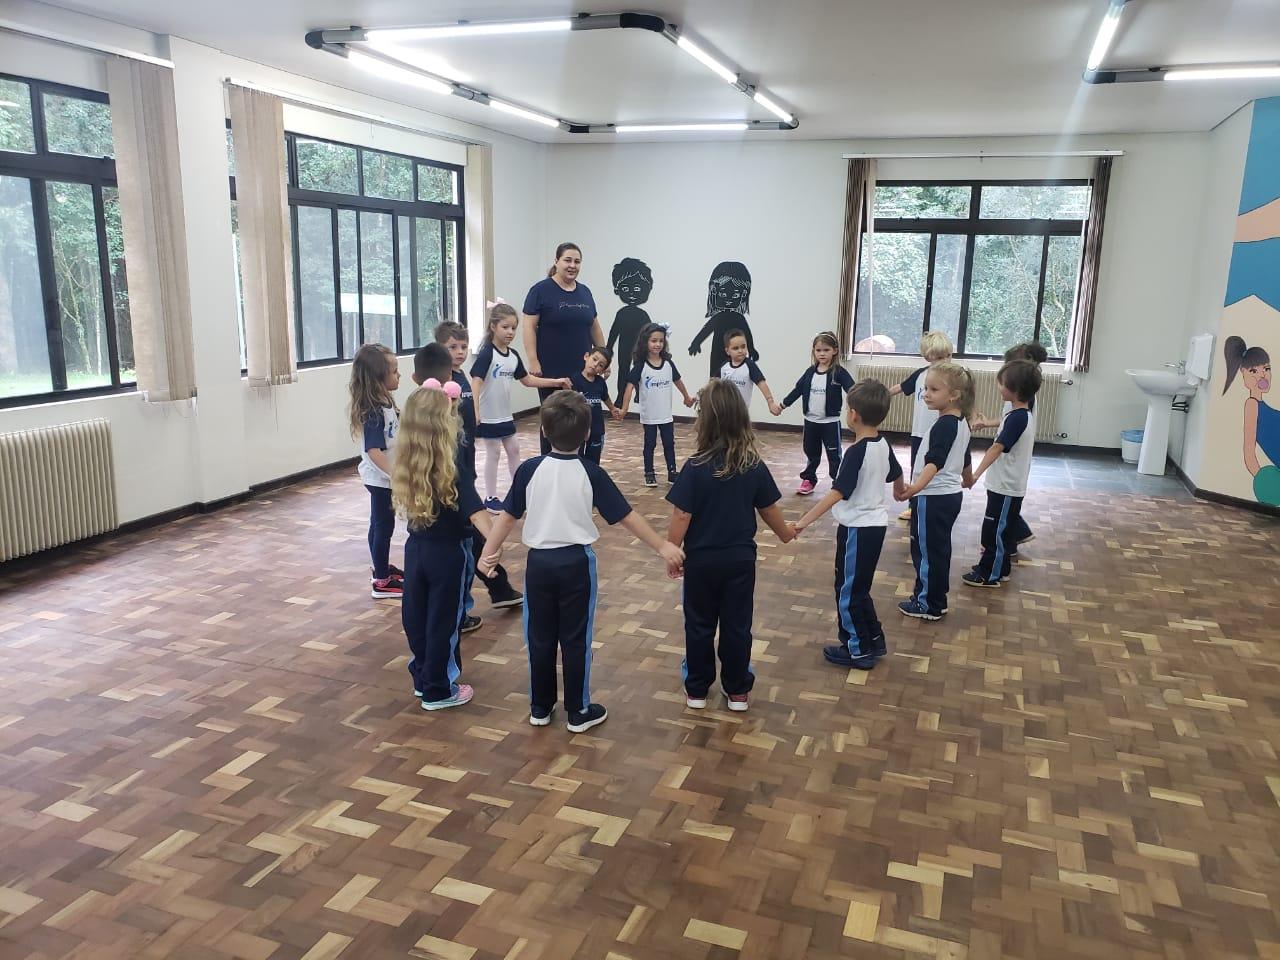 Início das aulas de dança - 06/02/2019